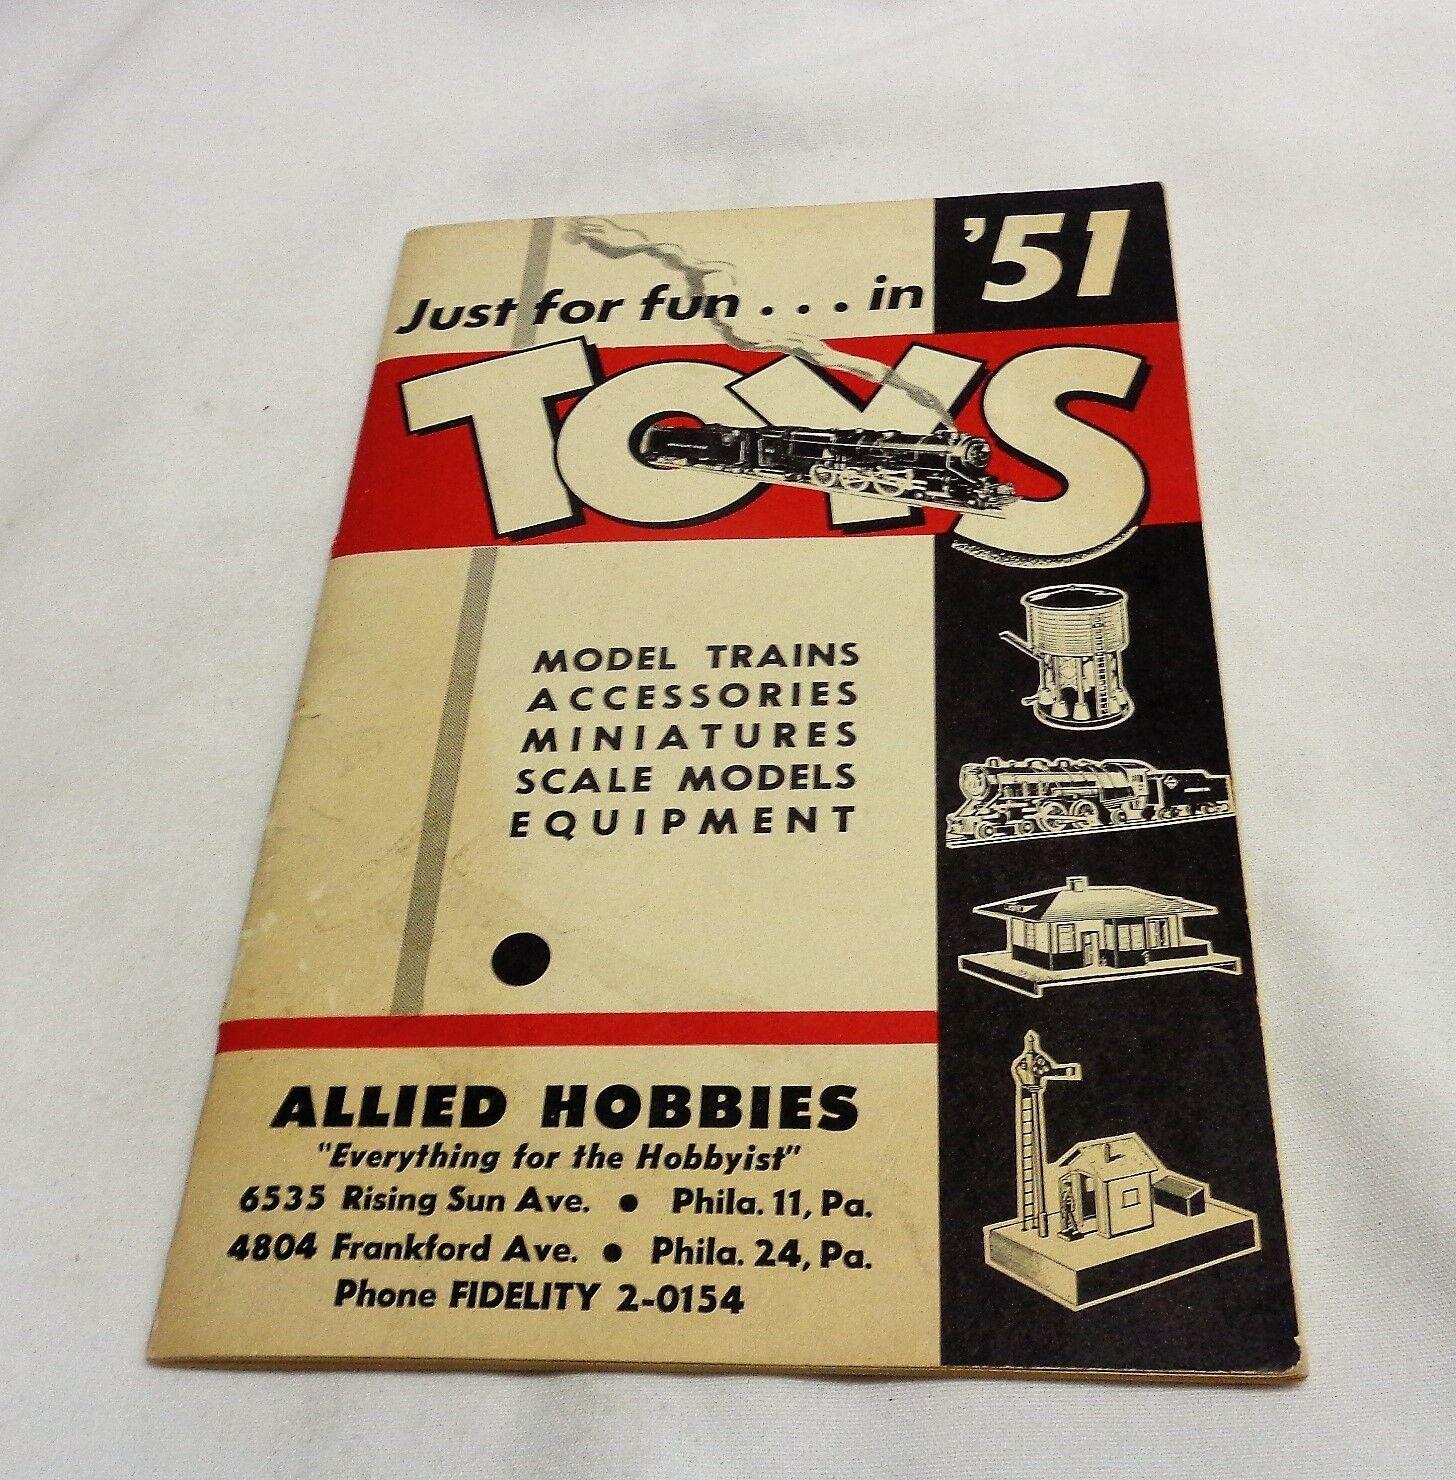 1951 Gilbert Juguetes Trenes Lionel aliadas pasatiempos American Flyer Catálogo Venta al por menor